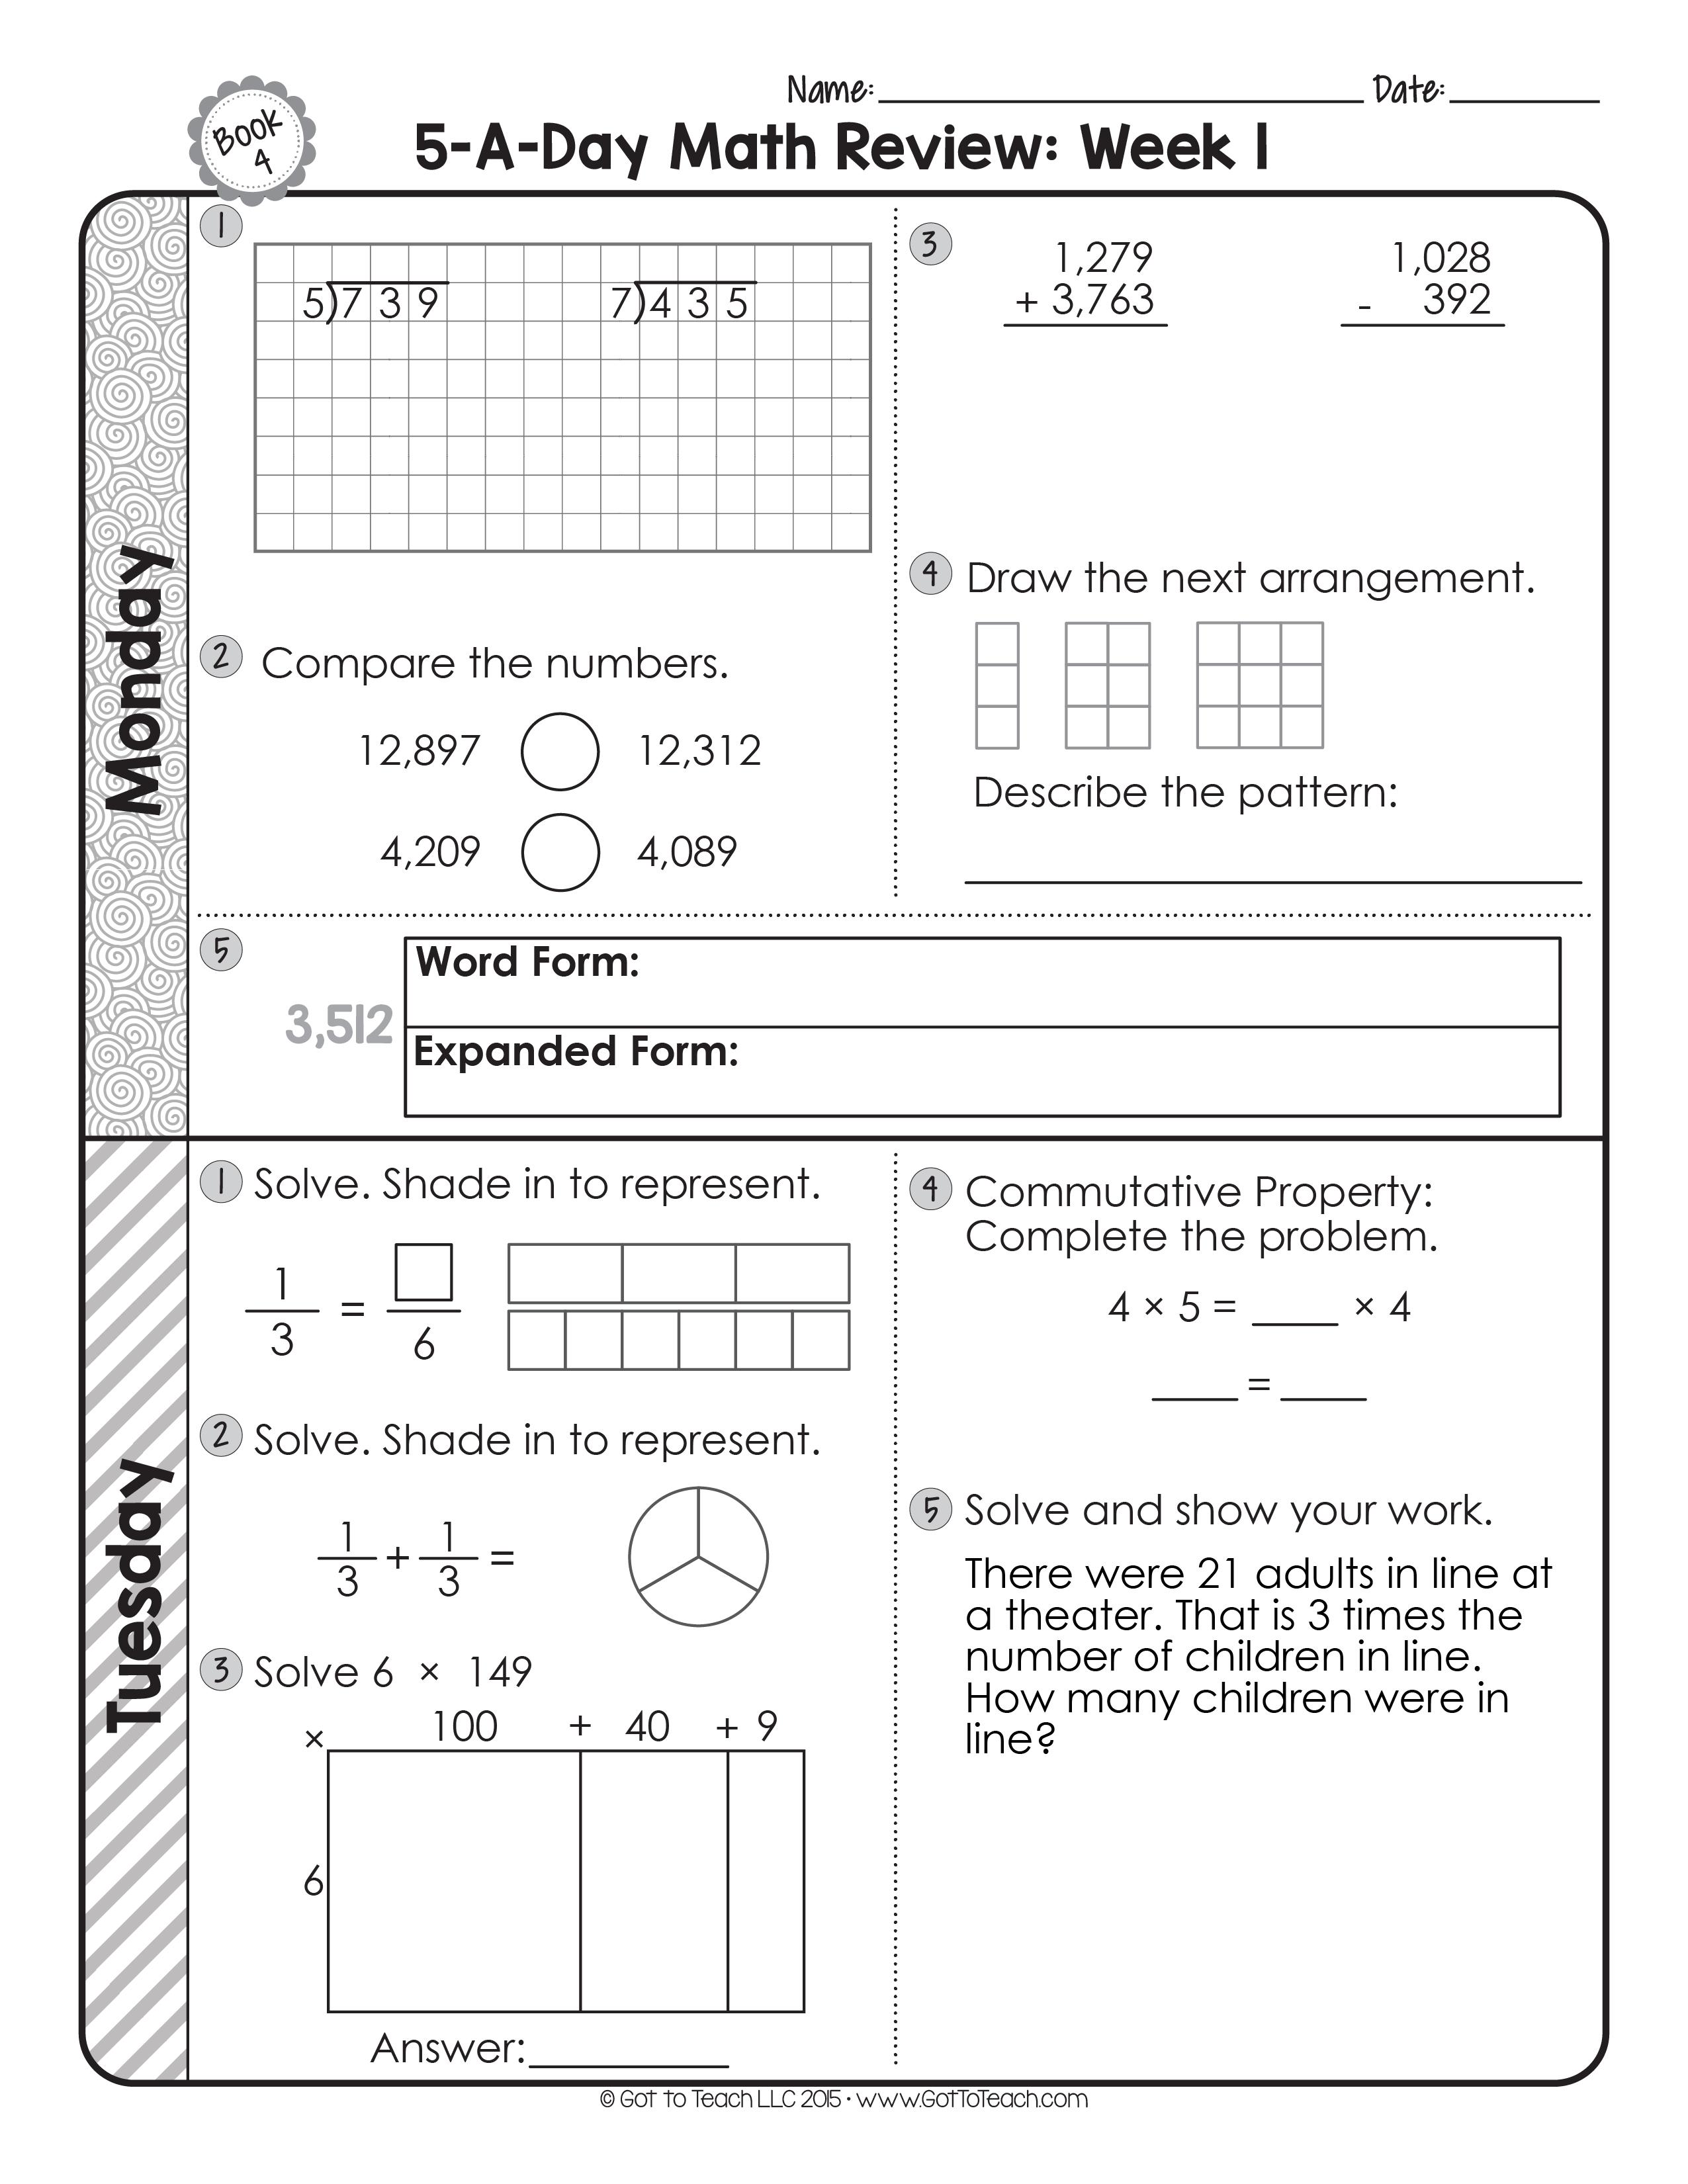 4th Grade Daily Math Spiral Review • Teacher Thrive   Math spiral review [ 3301 x 2551 Pixel ]